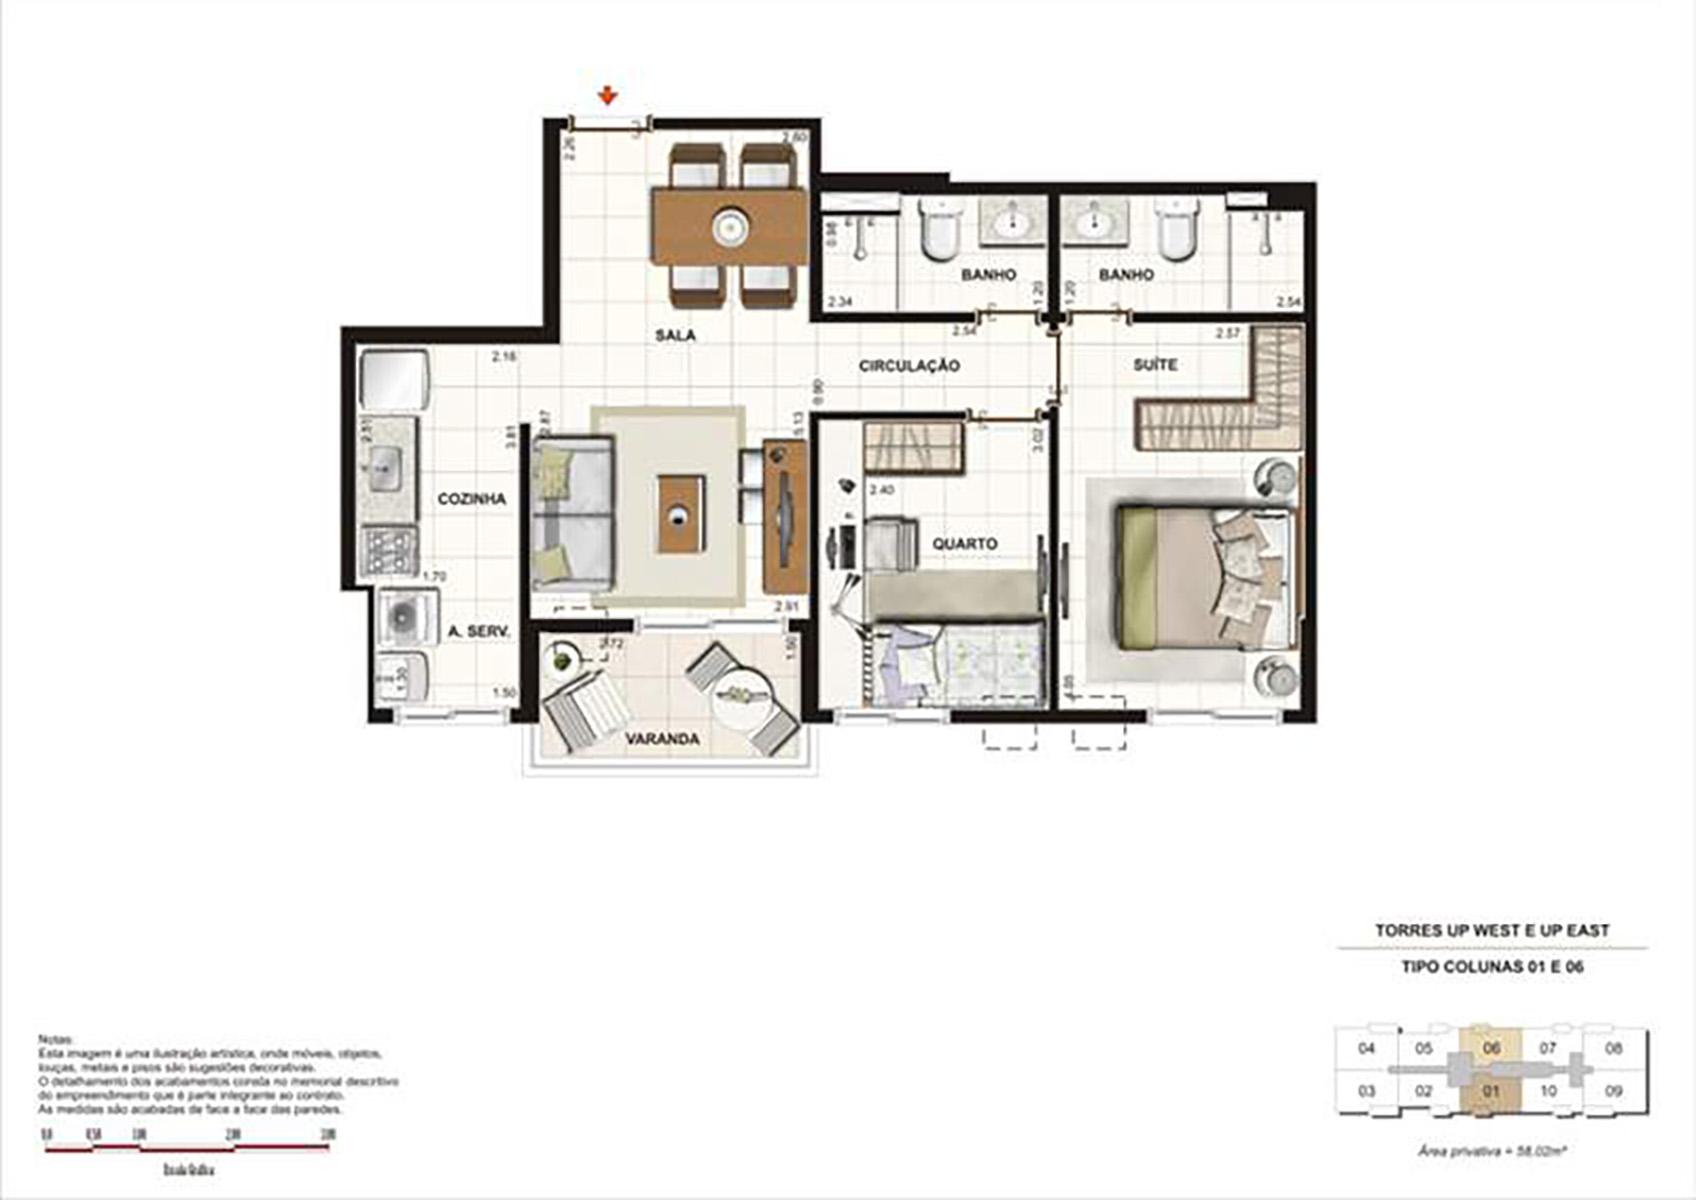 Ilustração Artística da Planta 58 m² tipo 1 Up Residence